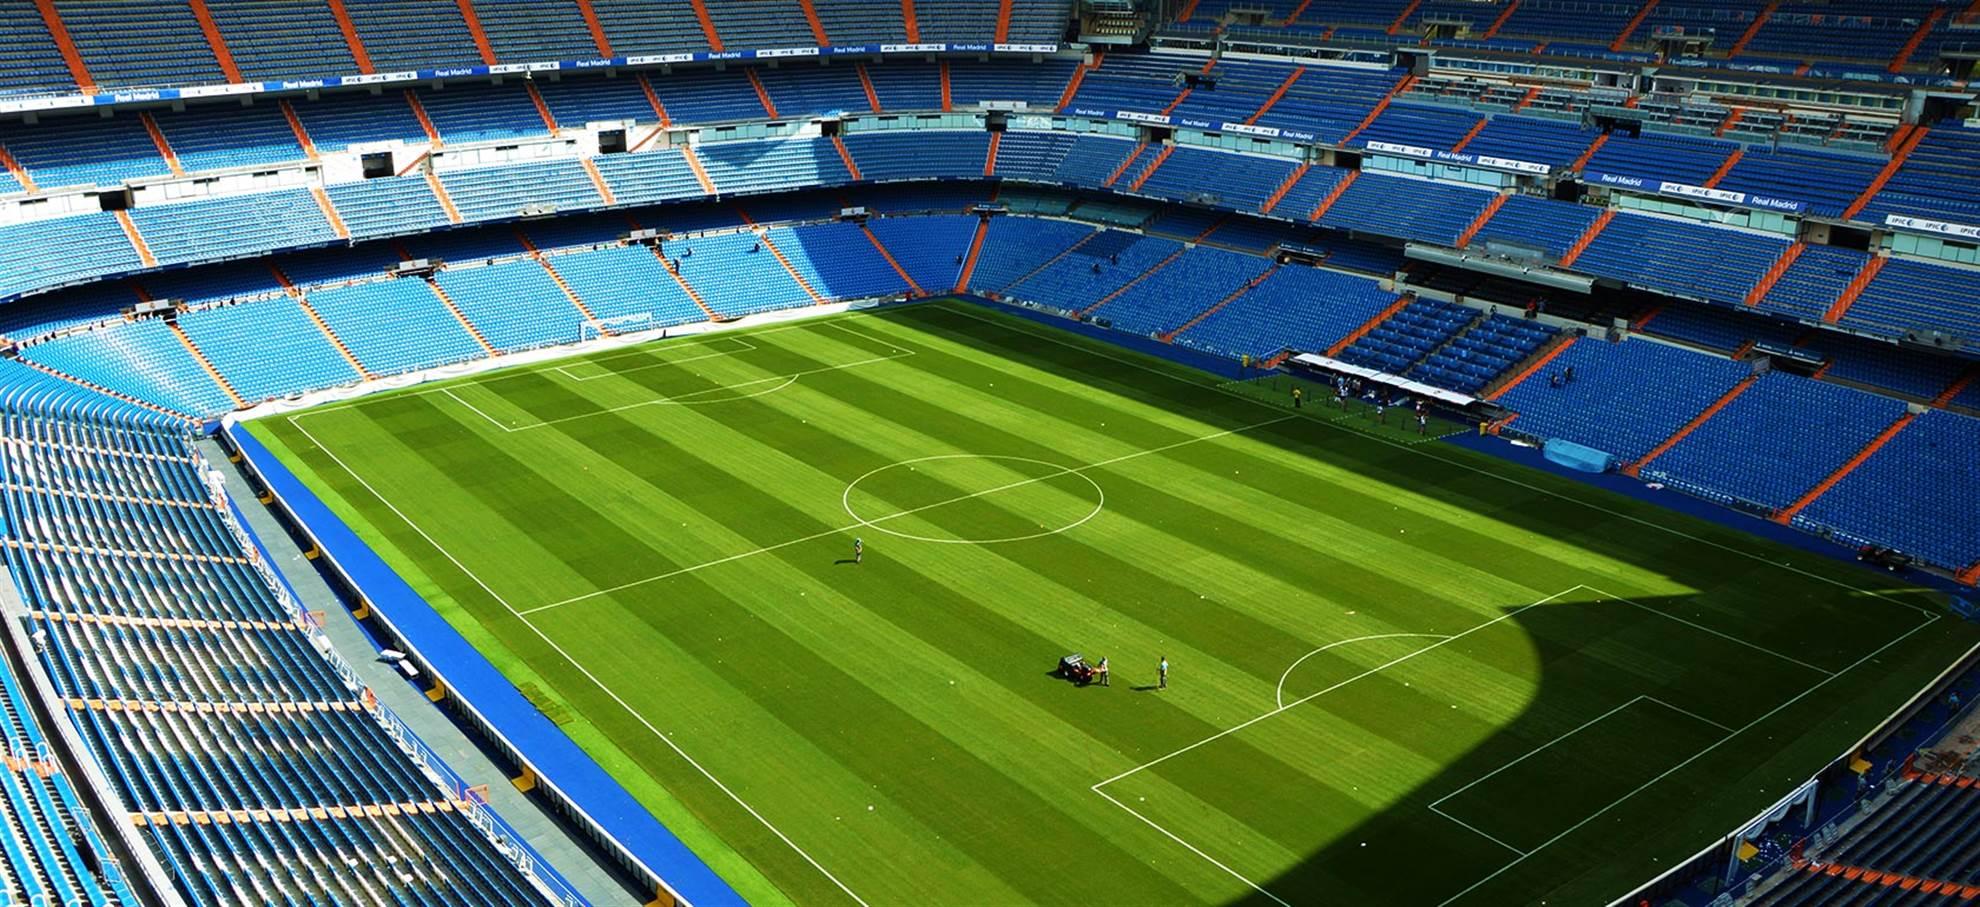 皇家马德里球场参观